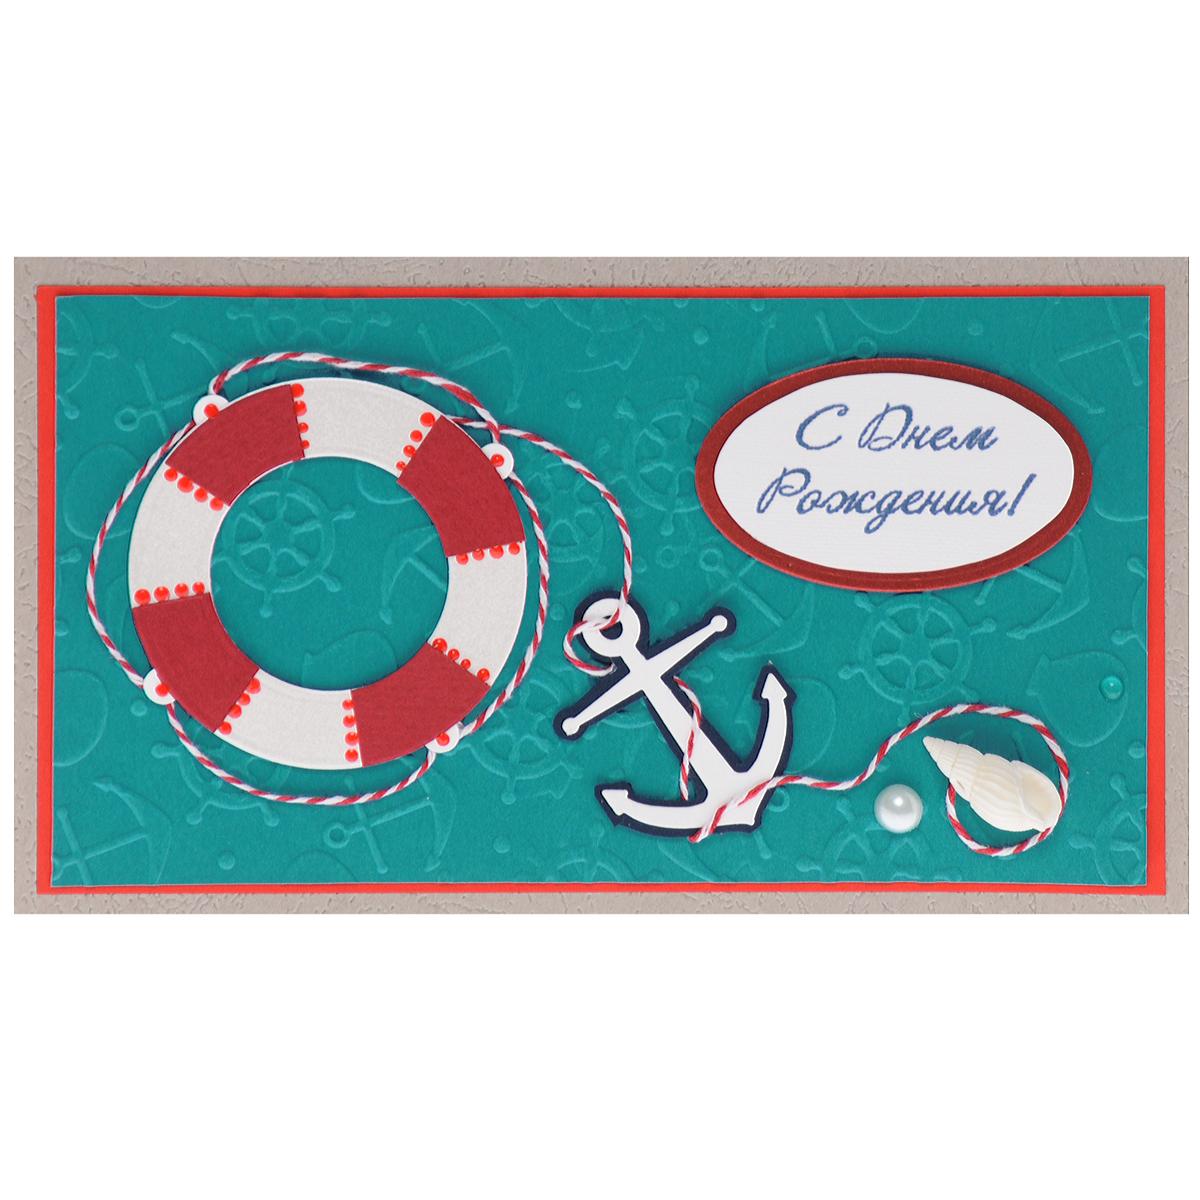 Открытка-конверт С Днем Рождения!. Студия Тетя Роза. ОМ-0035ОМ-0035Открытка выполнена из высокохудожественного картона, украшена аппликацией в виде якоря и спасательного круга, а также морской ракушкой. Может стать как прекрасным дополнением к вашему подарку, так и самостоятельным подарком, так как открытка одновременно является и конвертом, в который вы можете вложить ваш денежный подарок или подарочный сертификат, или же просто написать ваши пожелания на вкладыше.Открытки ручной работы от студии Тетя Роза отличаются своим неповторимым и ярким стилем. Каждая уникальна и выполнена вручную мастерами студии. Открытка упакована в пакетик для сохранности. Обращаем ваше внимание на то, что открытка может незначительно отличаться от представленной на фото.